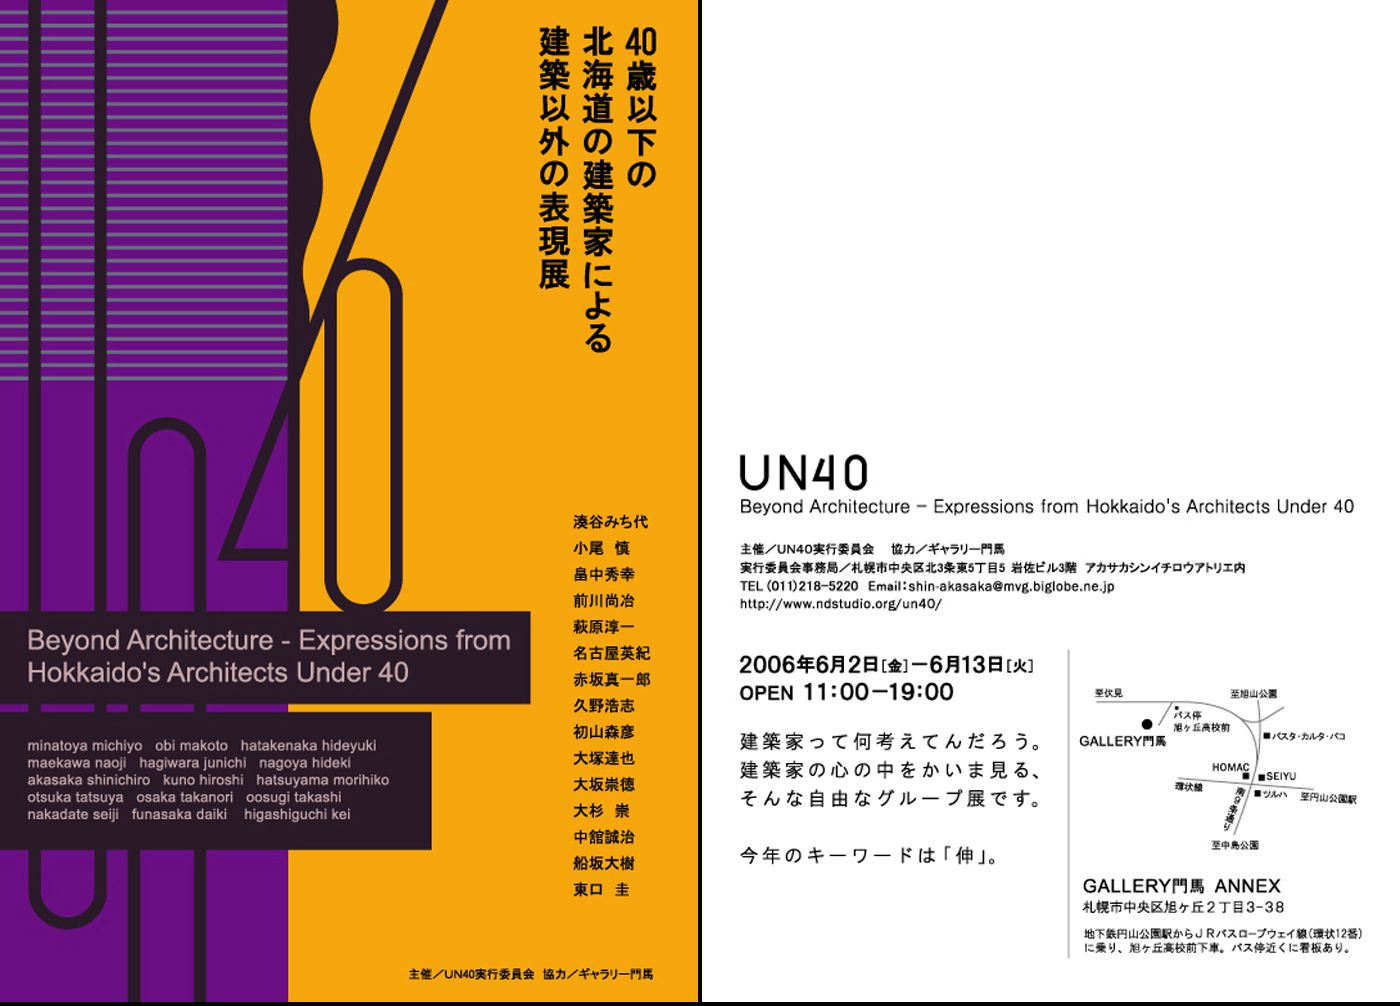 UN40 ~ 40歳以下の北海道の建築家による建築以外の表現展 vol.4